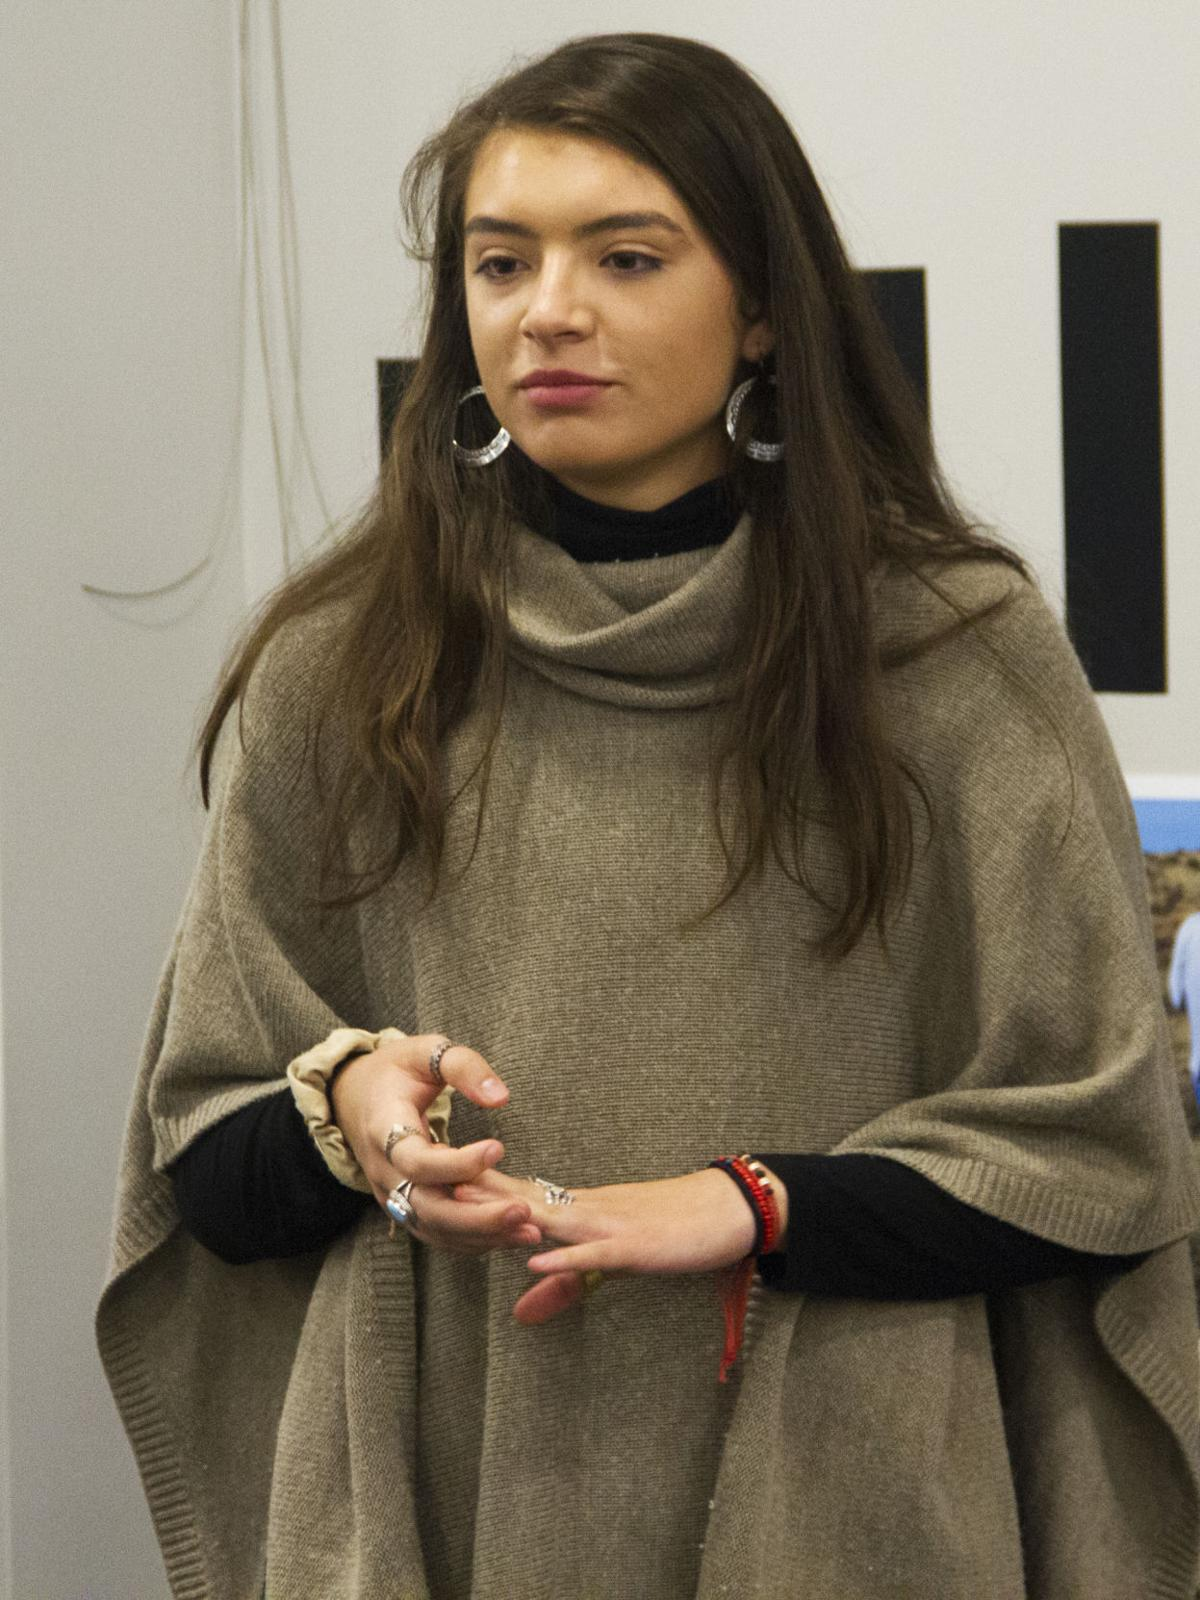 Sofia Carrasco